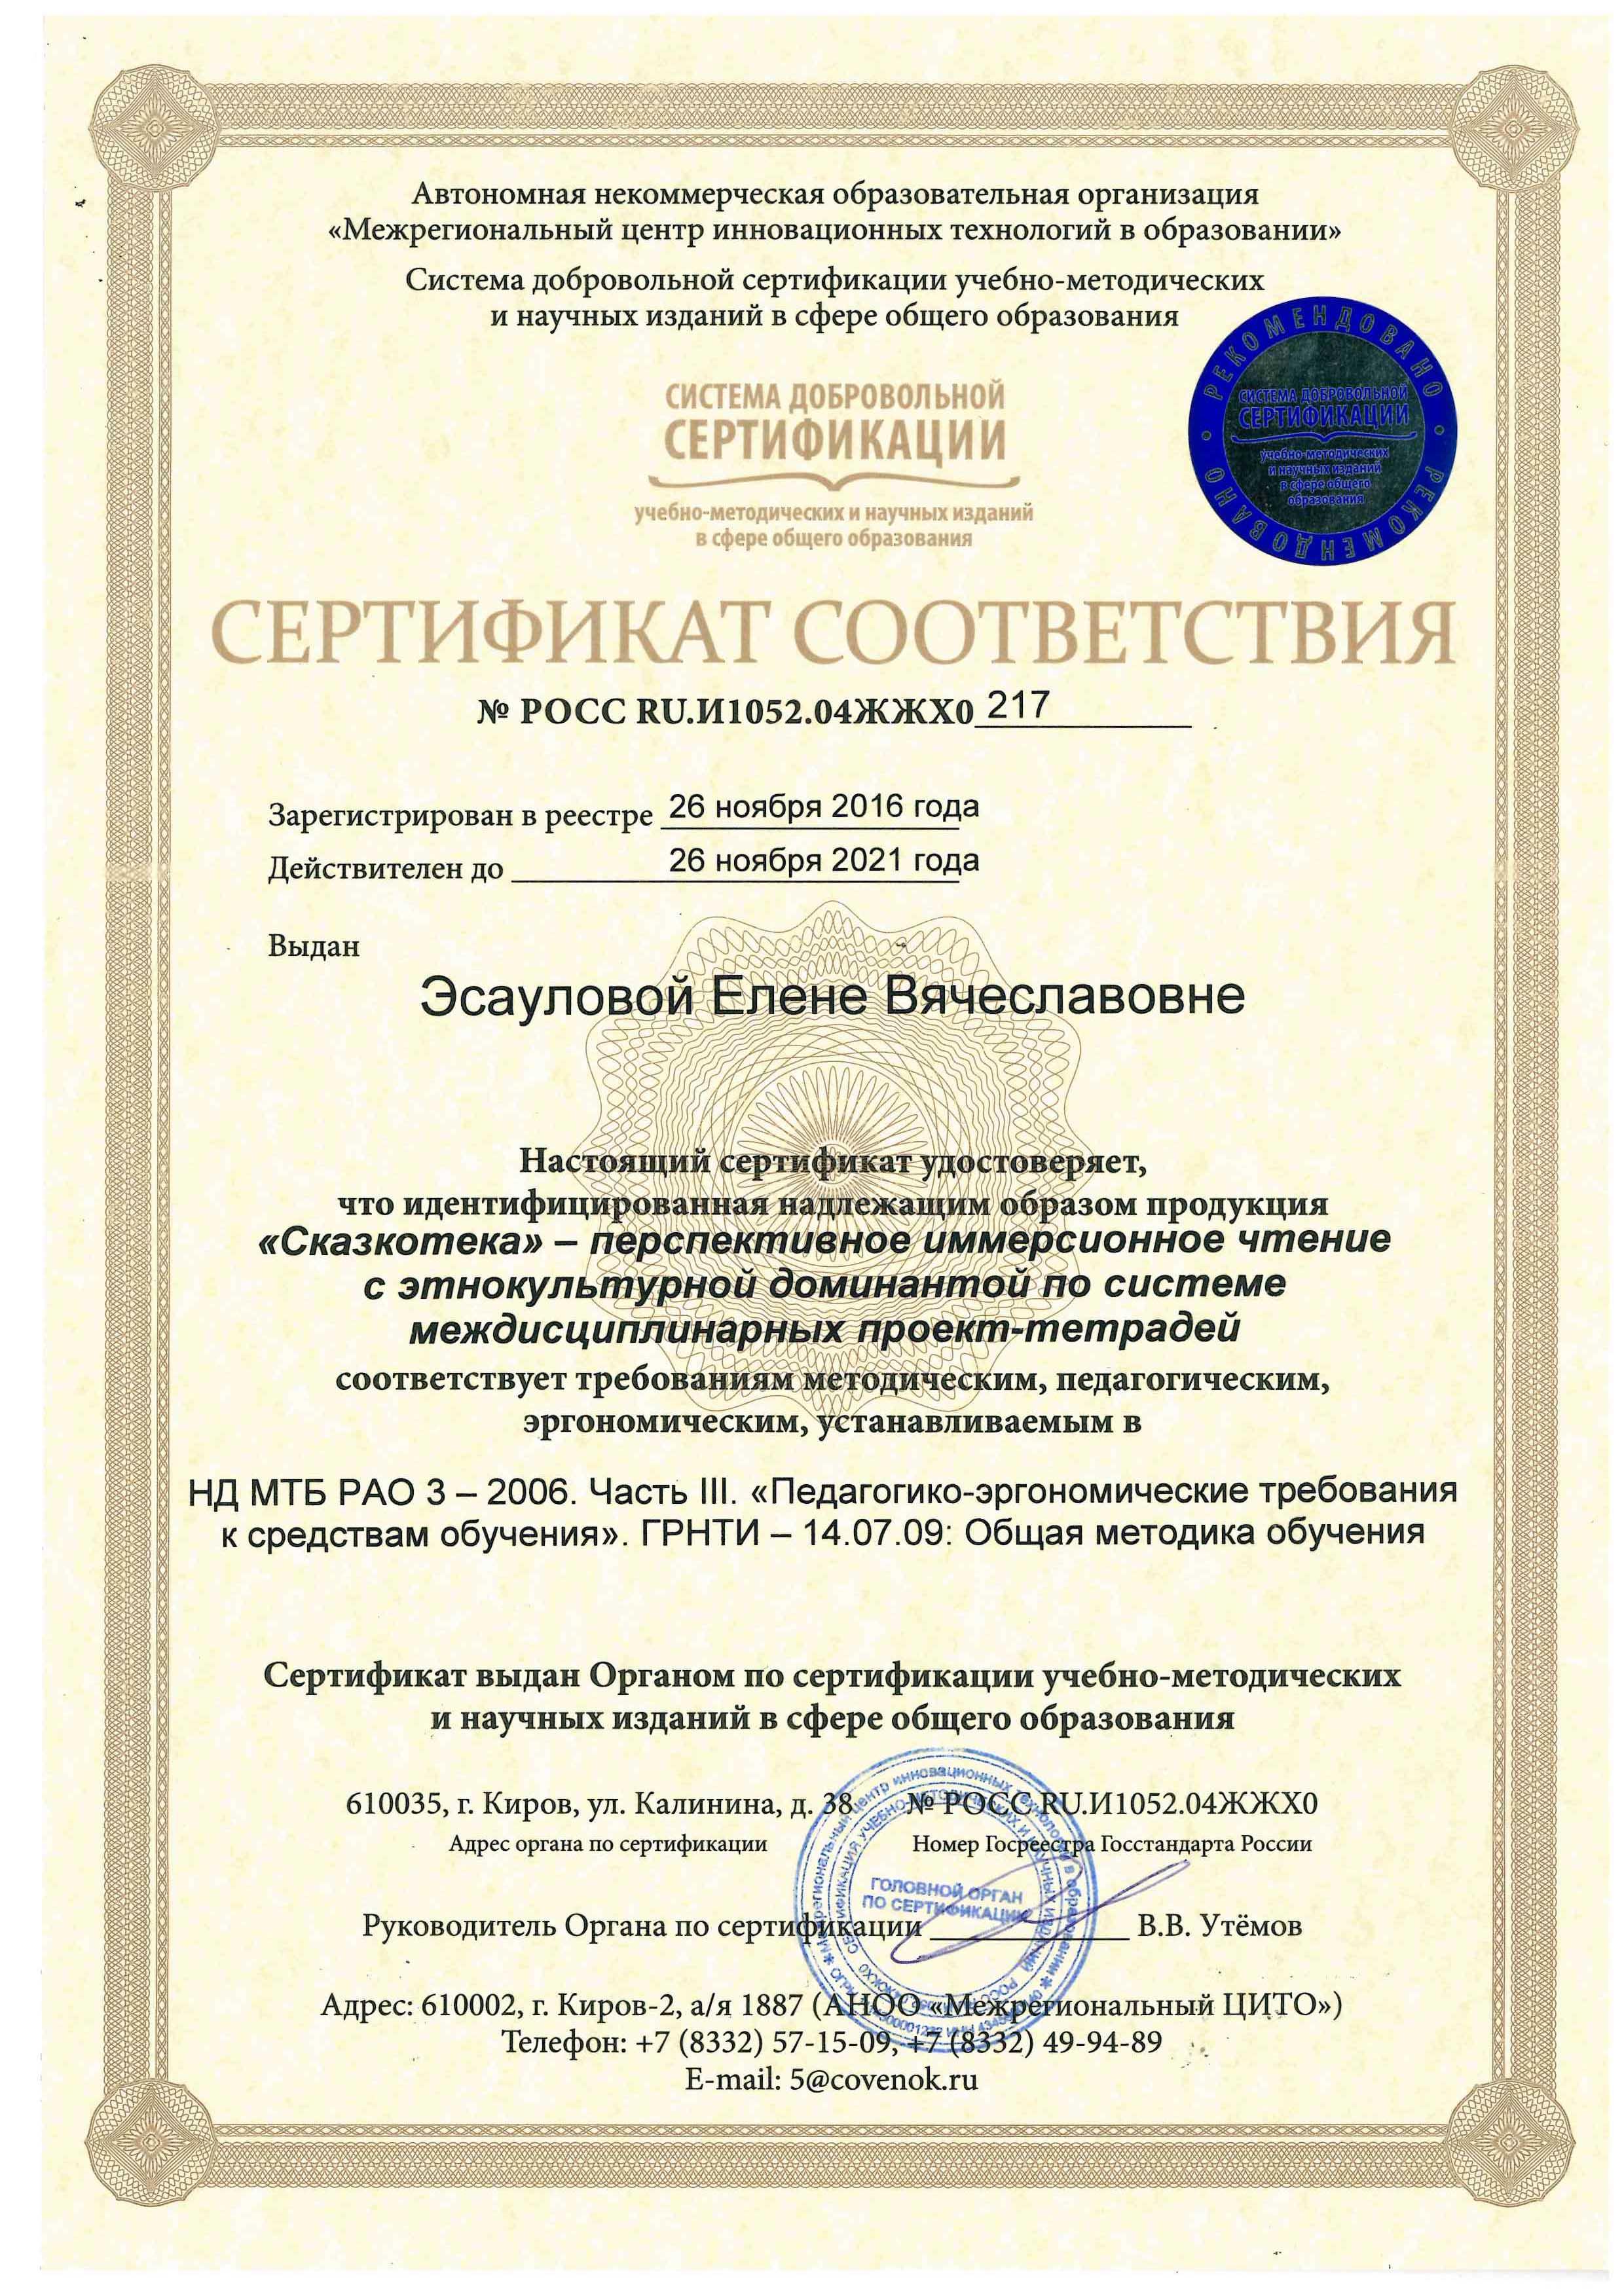 Сертификат СООТВЕТСТВИЯ по СКАЗКОТЕКЕ.jpg